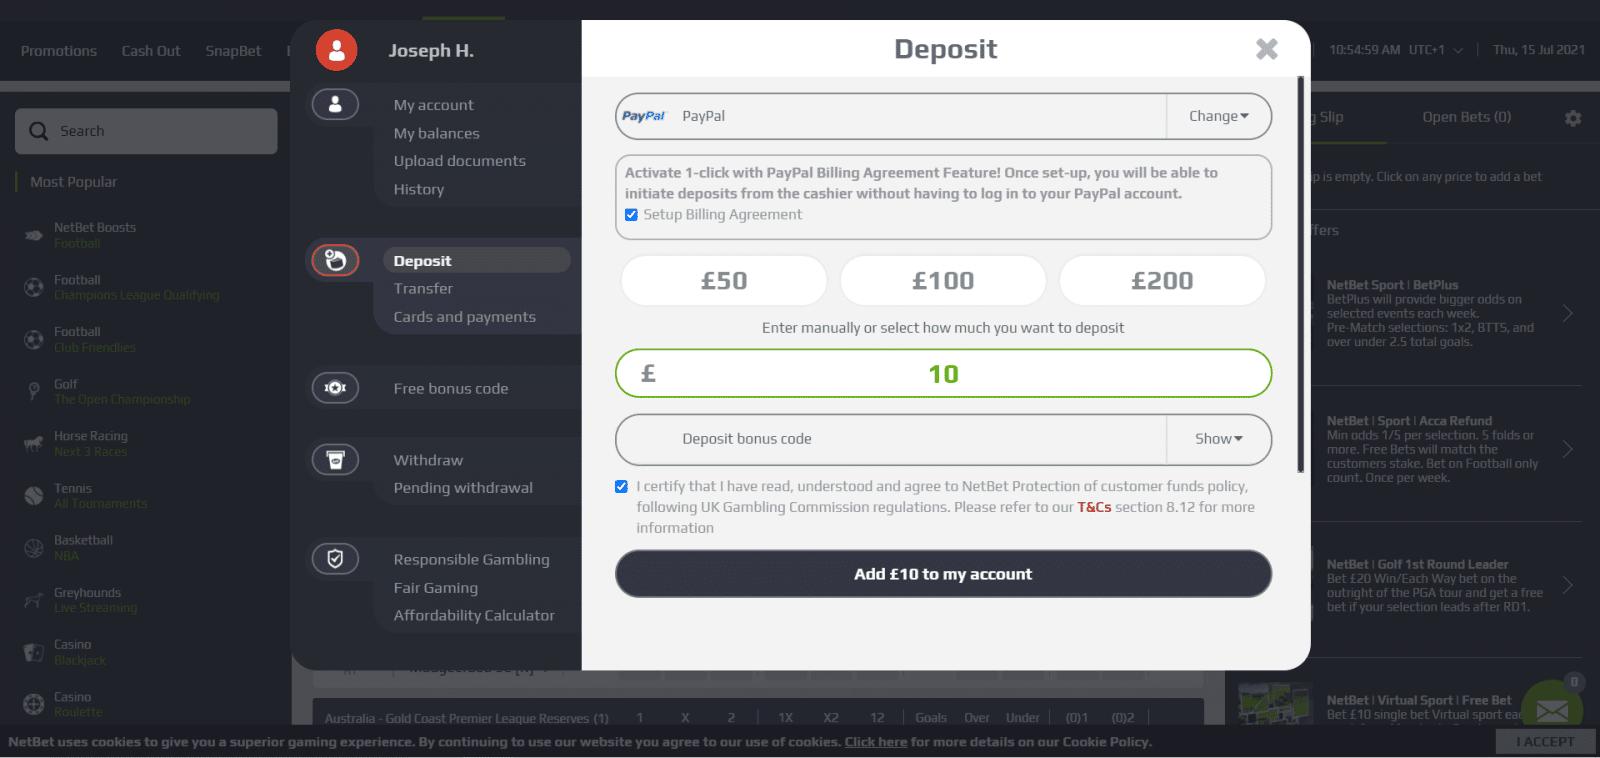 netbet review - deposit